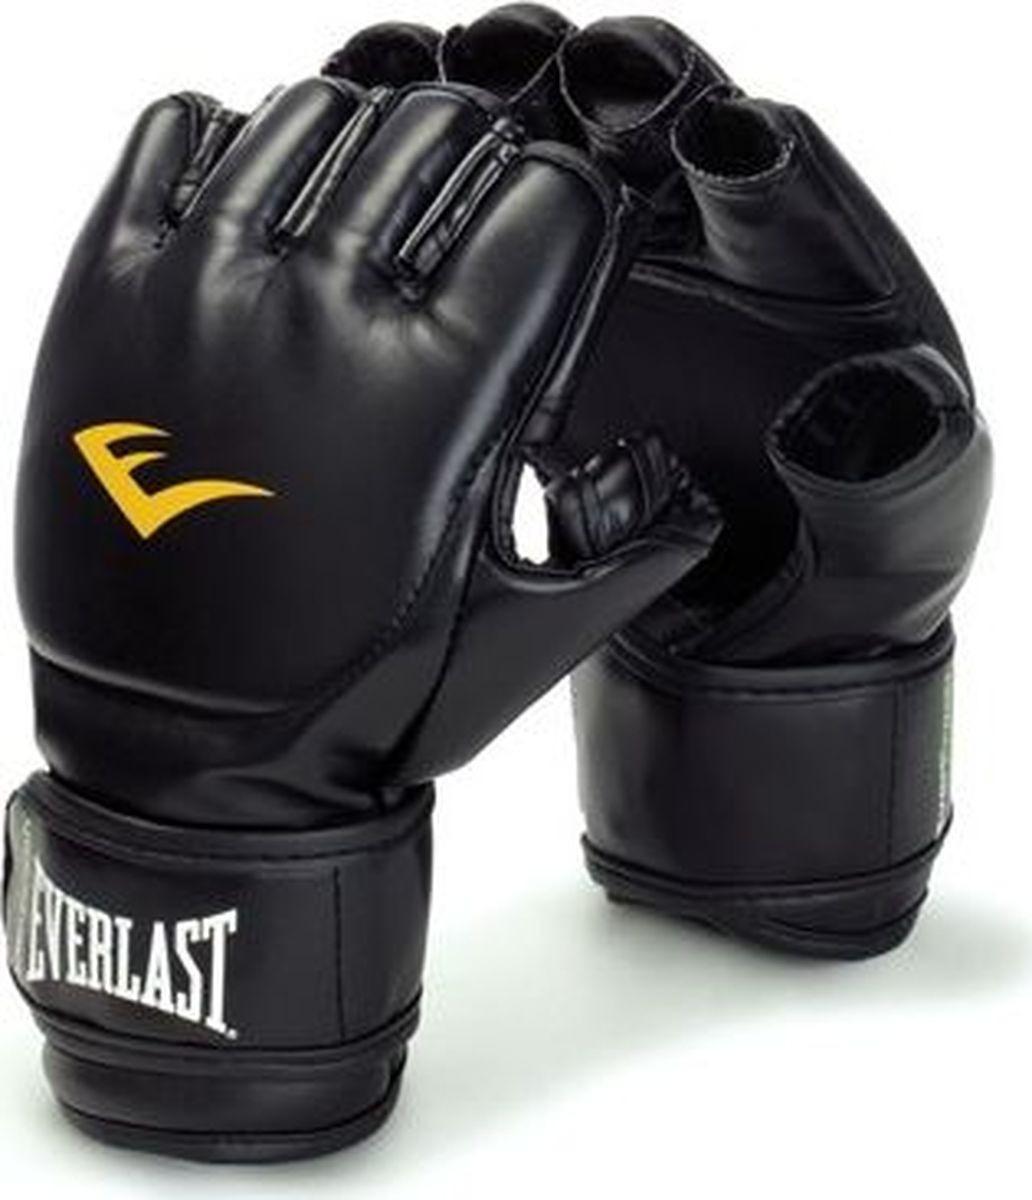 Перчатки для единоборств Everlast Martial Arts Grappling PU, 7560SMU, черный, размер S/M цена и фото